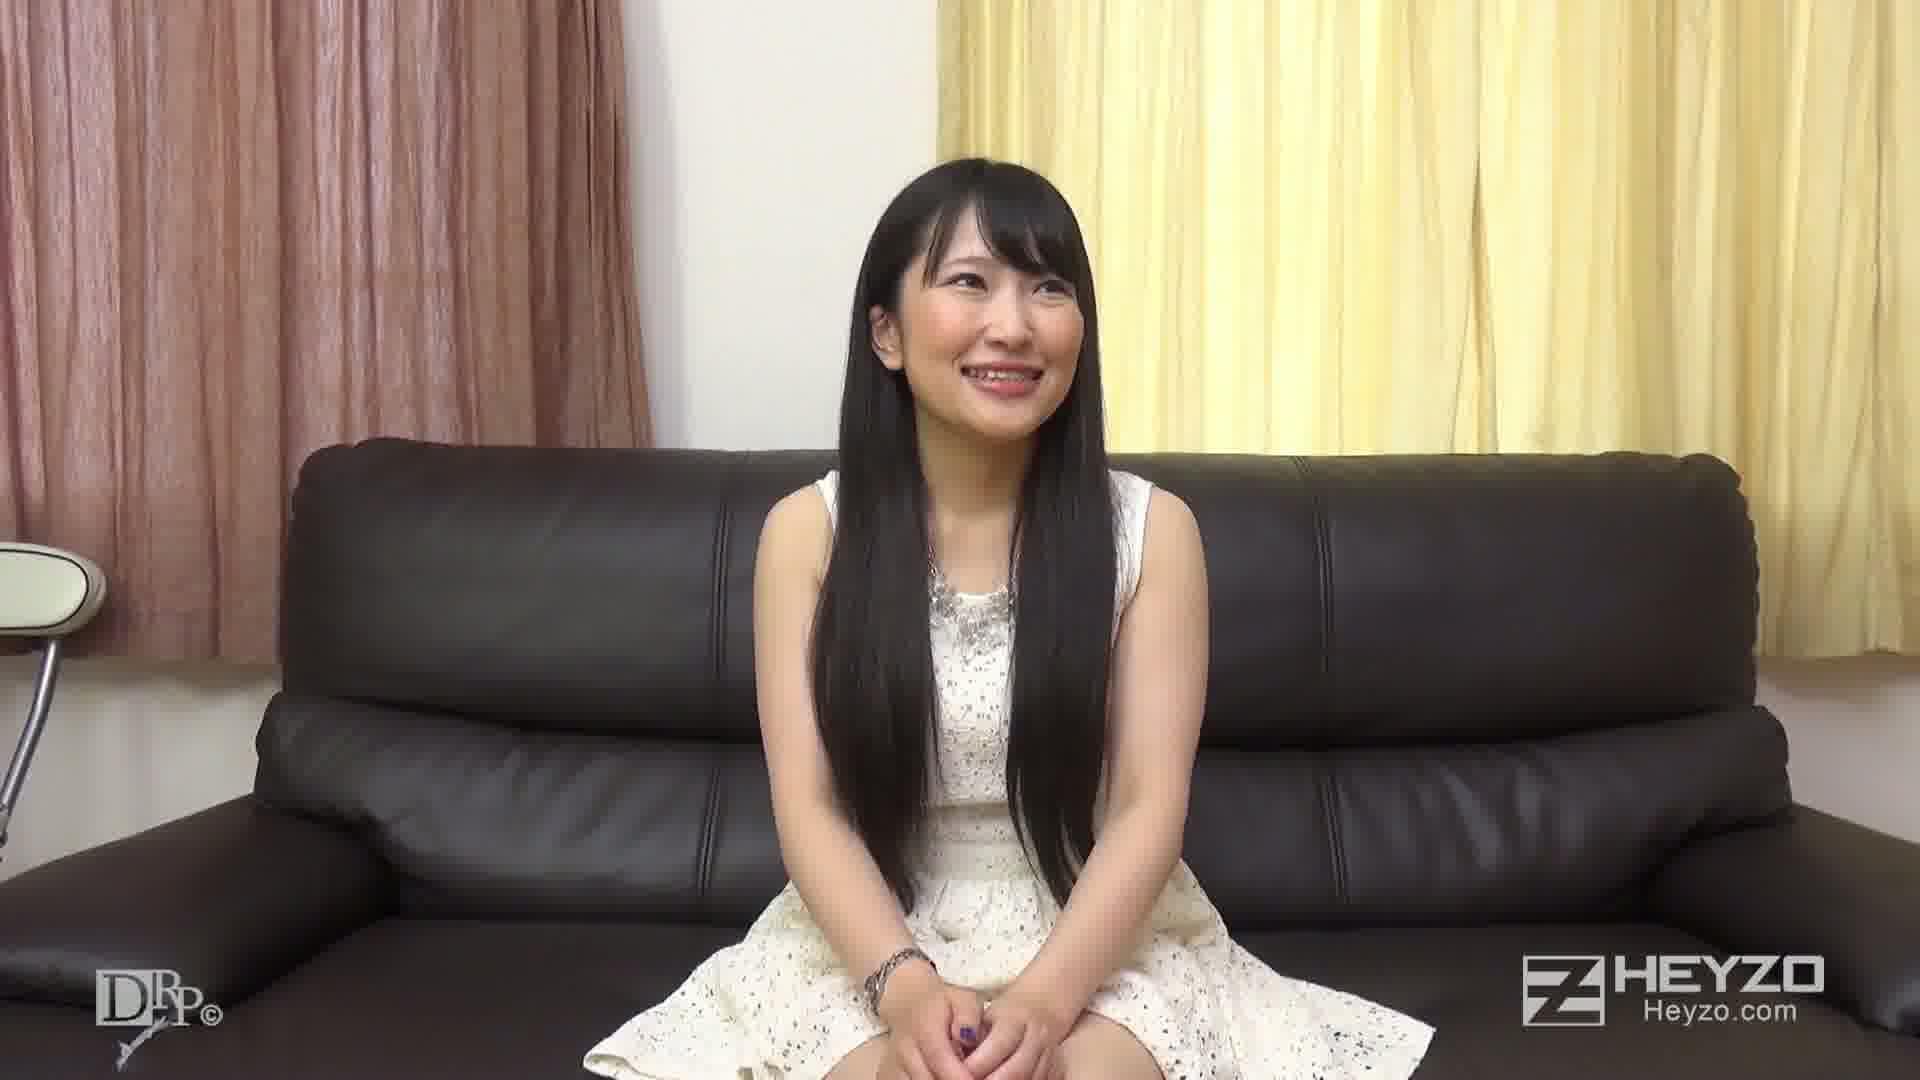 即撮影!AV面接2 前編 - 境田美波【インタビュー オナニー ローター 指マン】